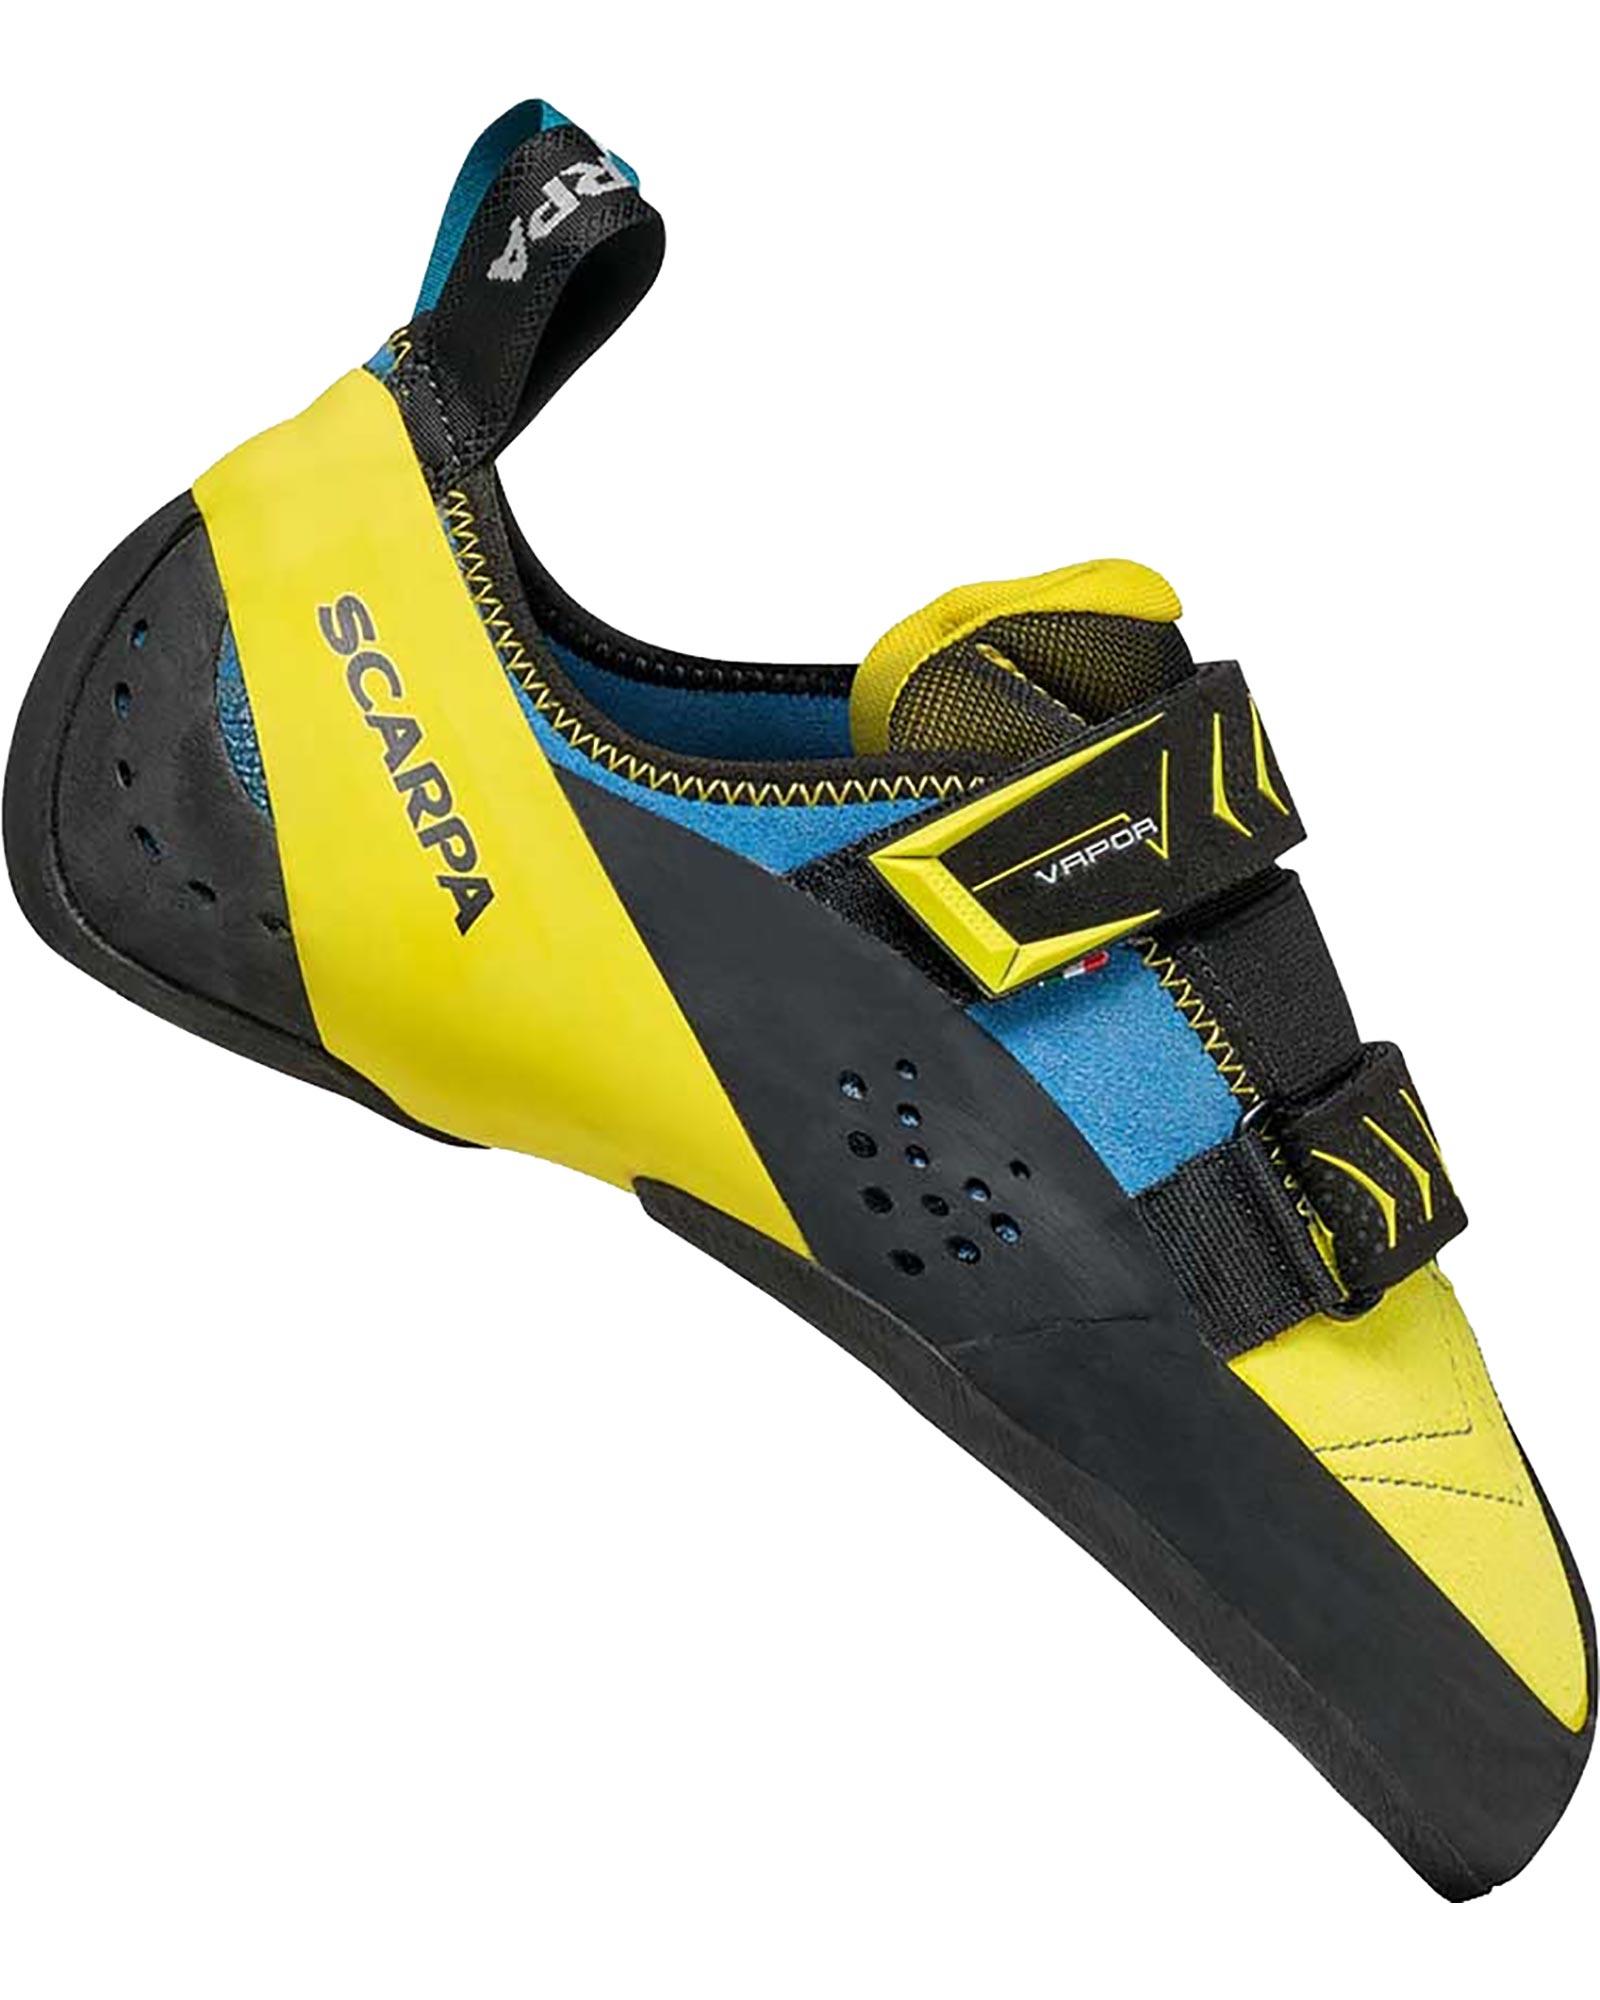 Scarpa Men's Vapour V Climbing Shoes 0